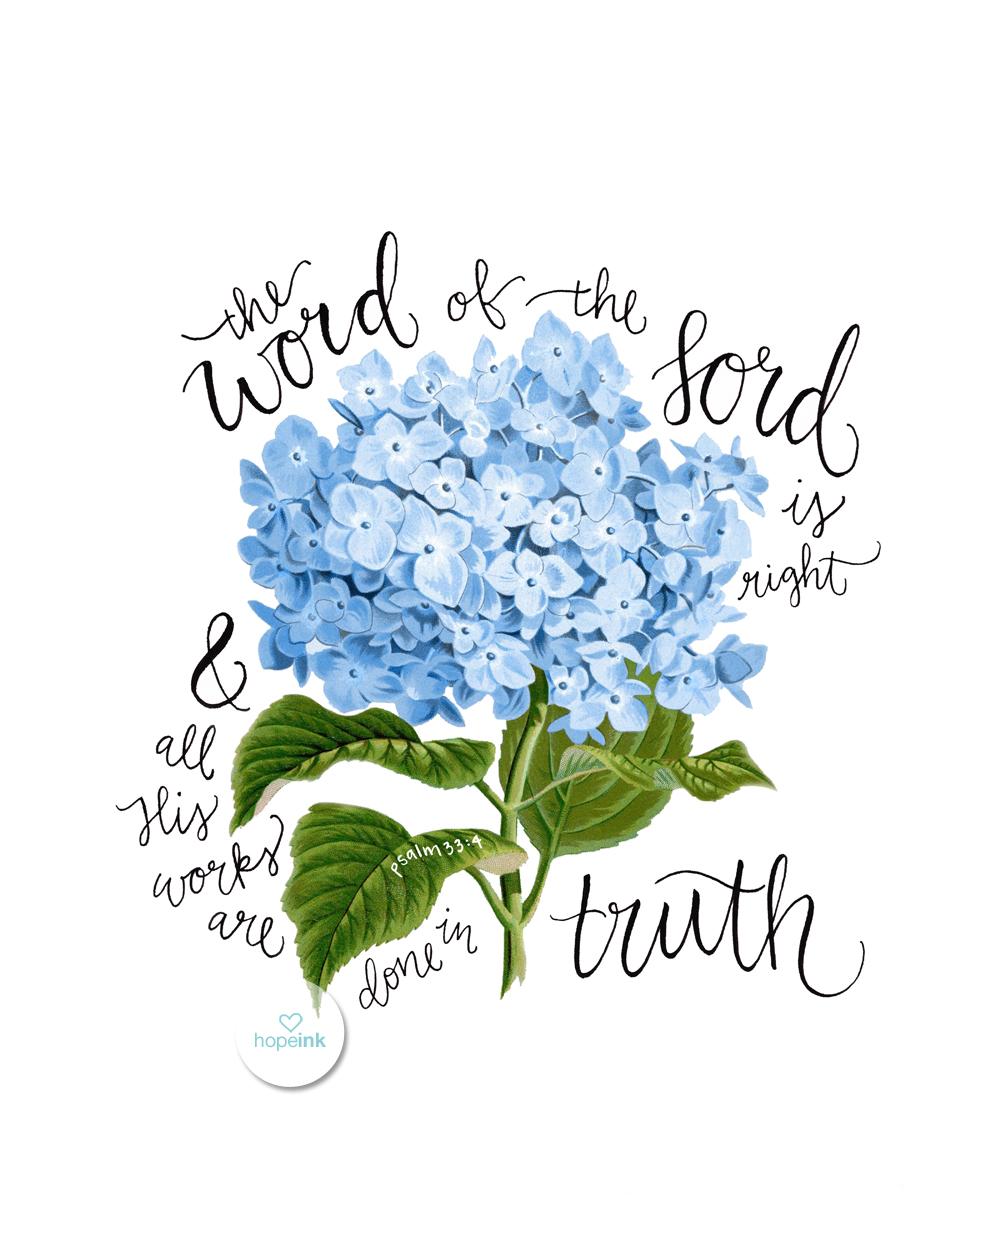 Scripture Art Hydrangeas Hope Ink.jpg